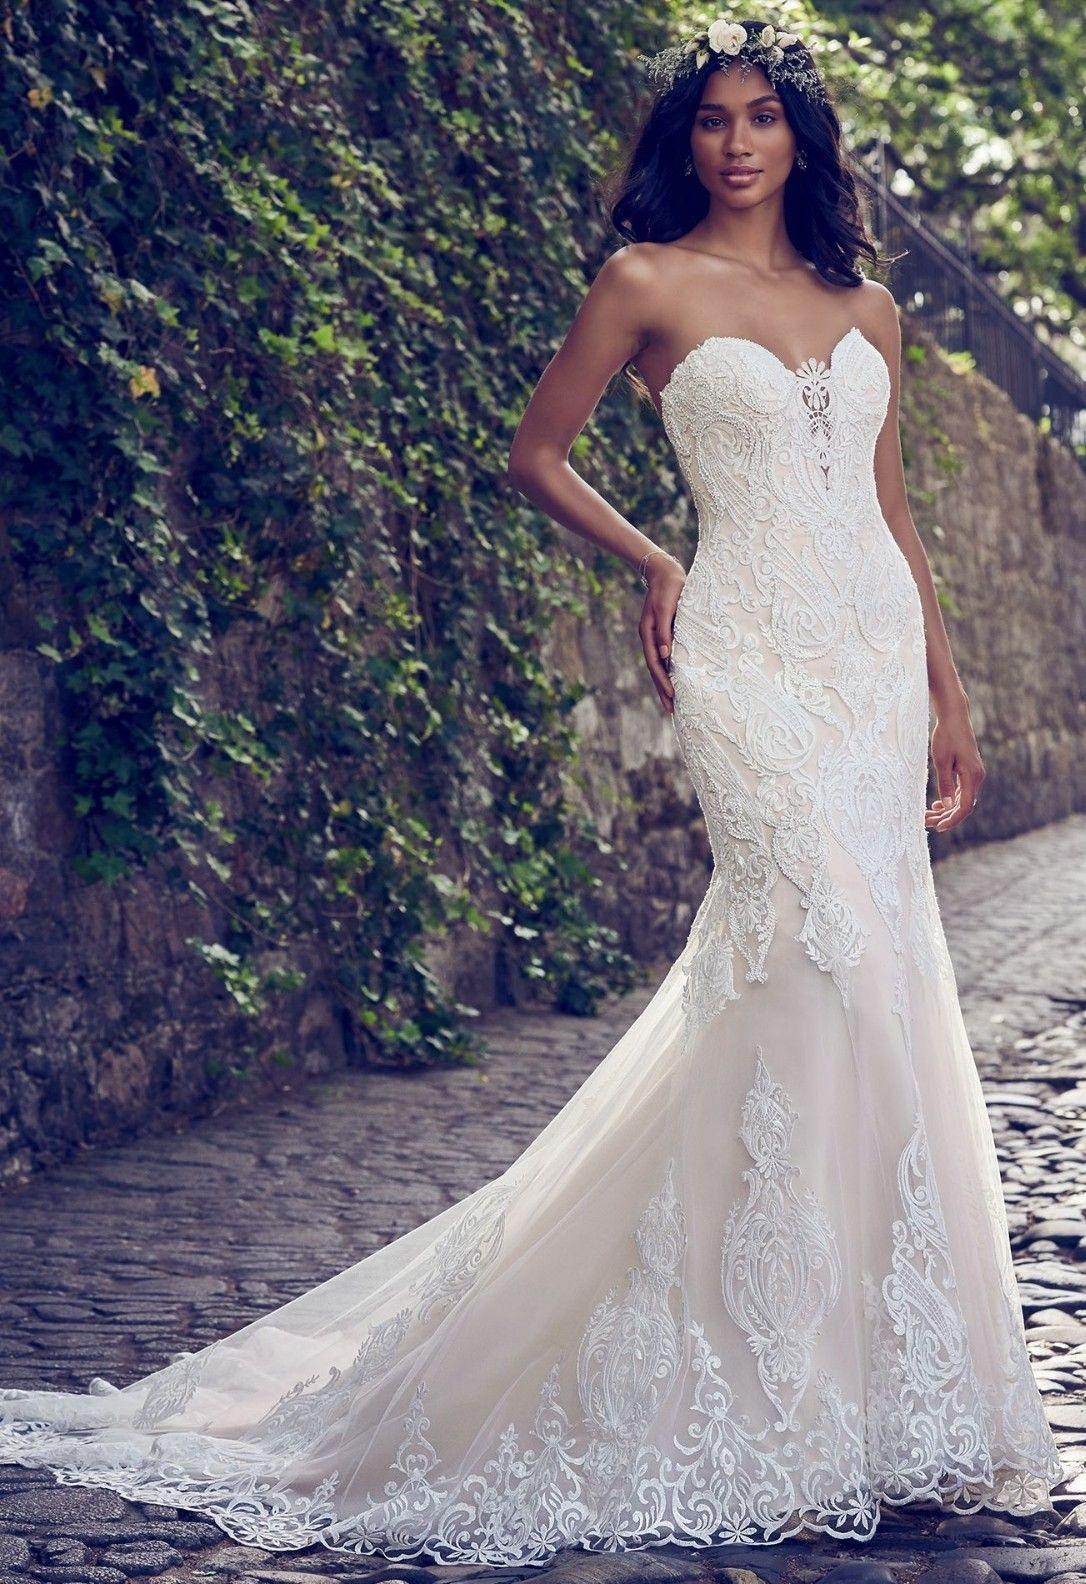 Pin von emilia auf Weddingdresses  Braut, Brautkleid, Brautmode